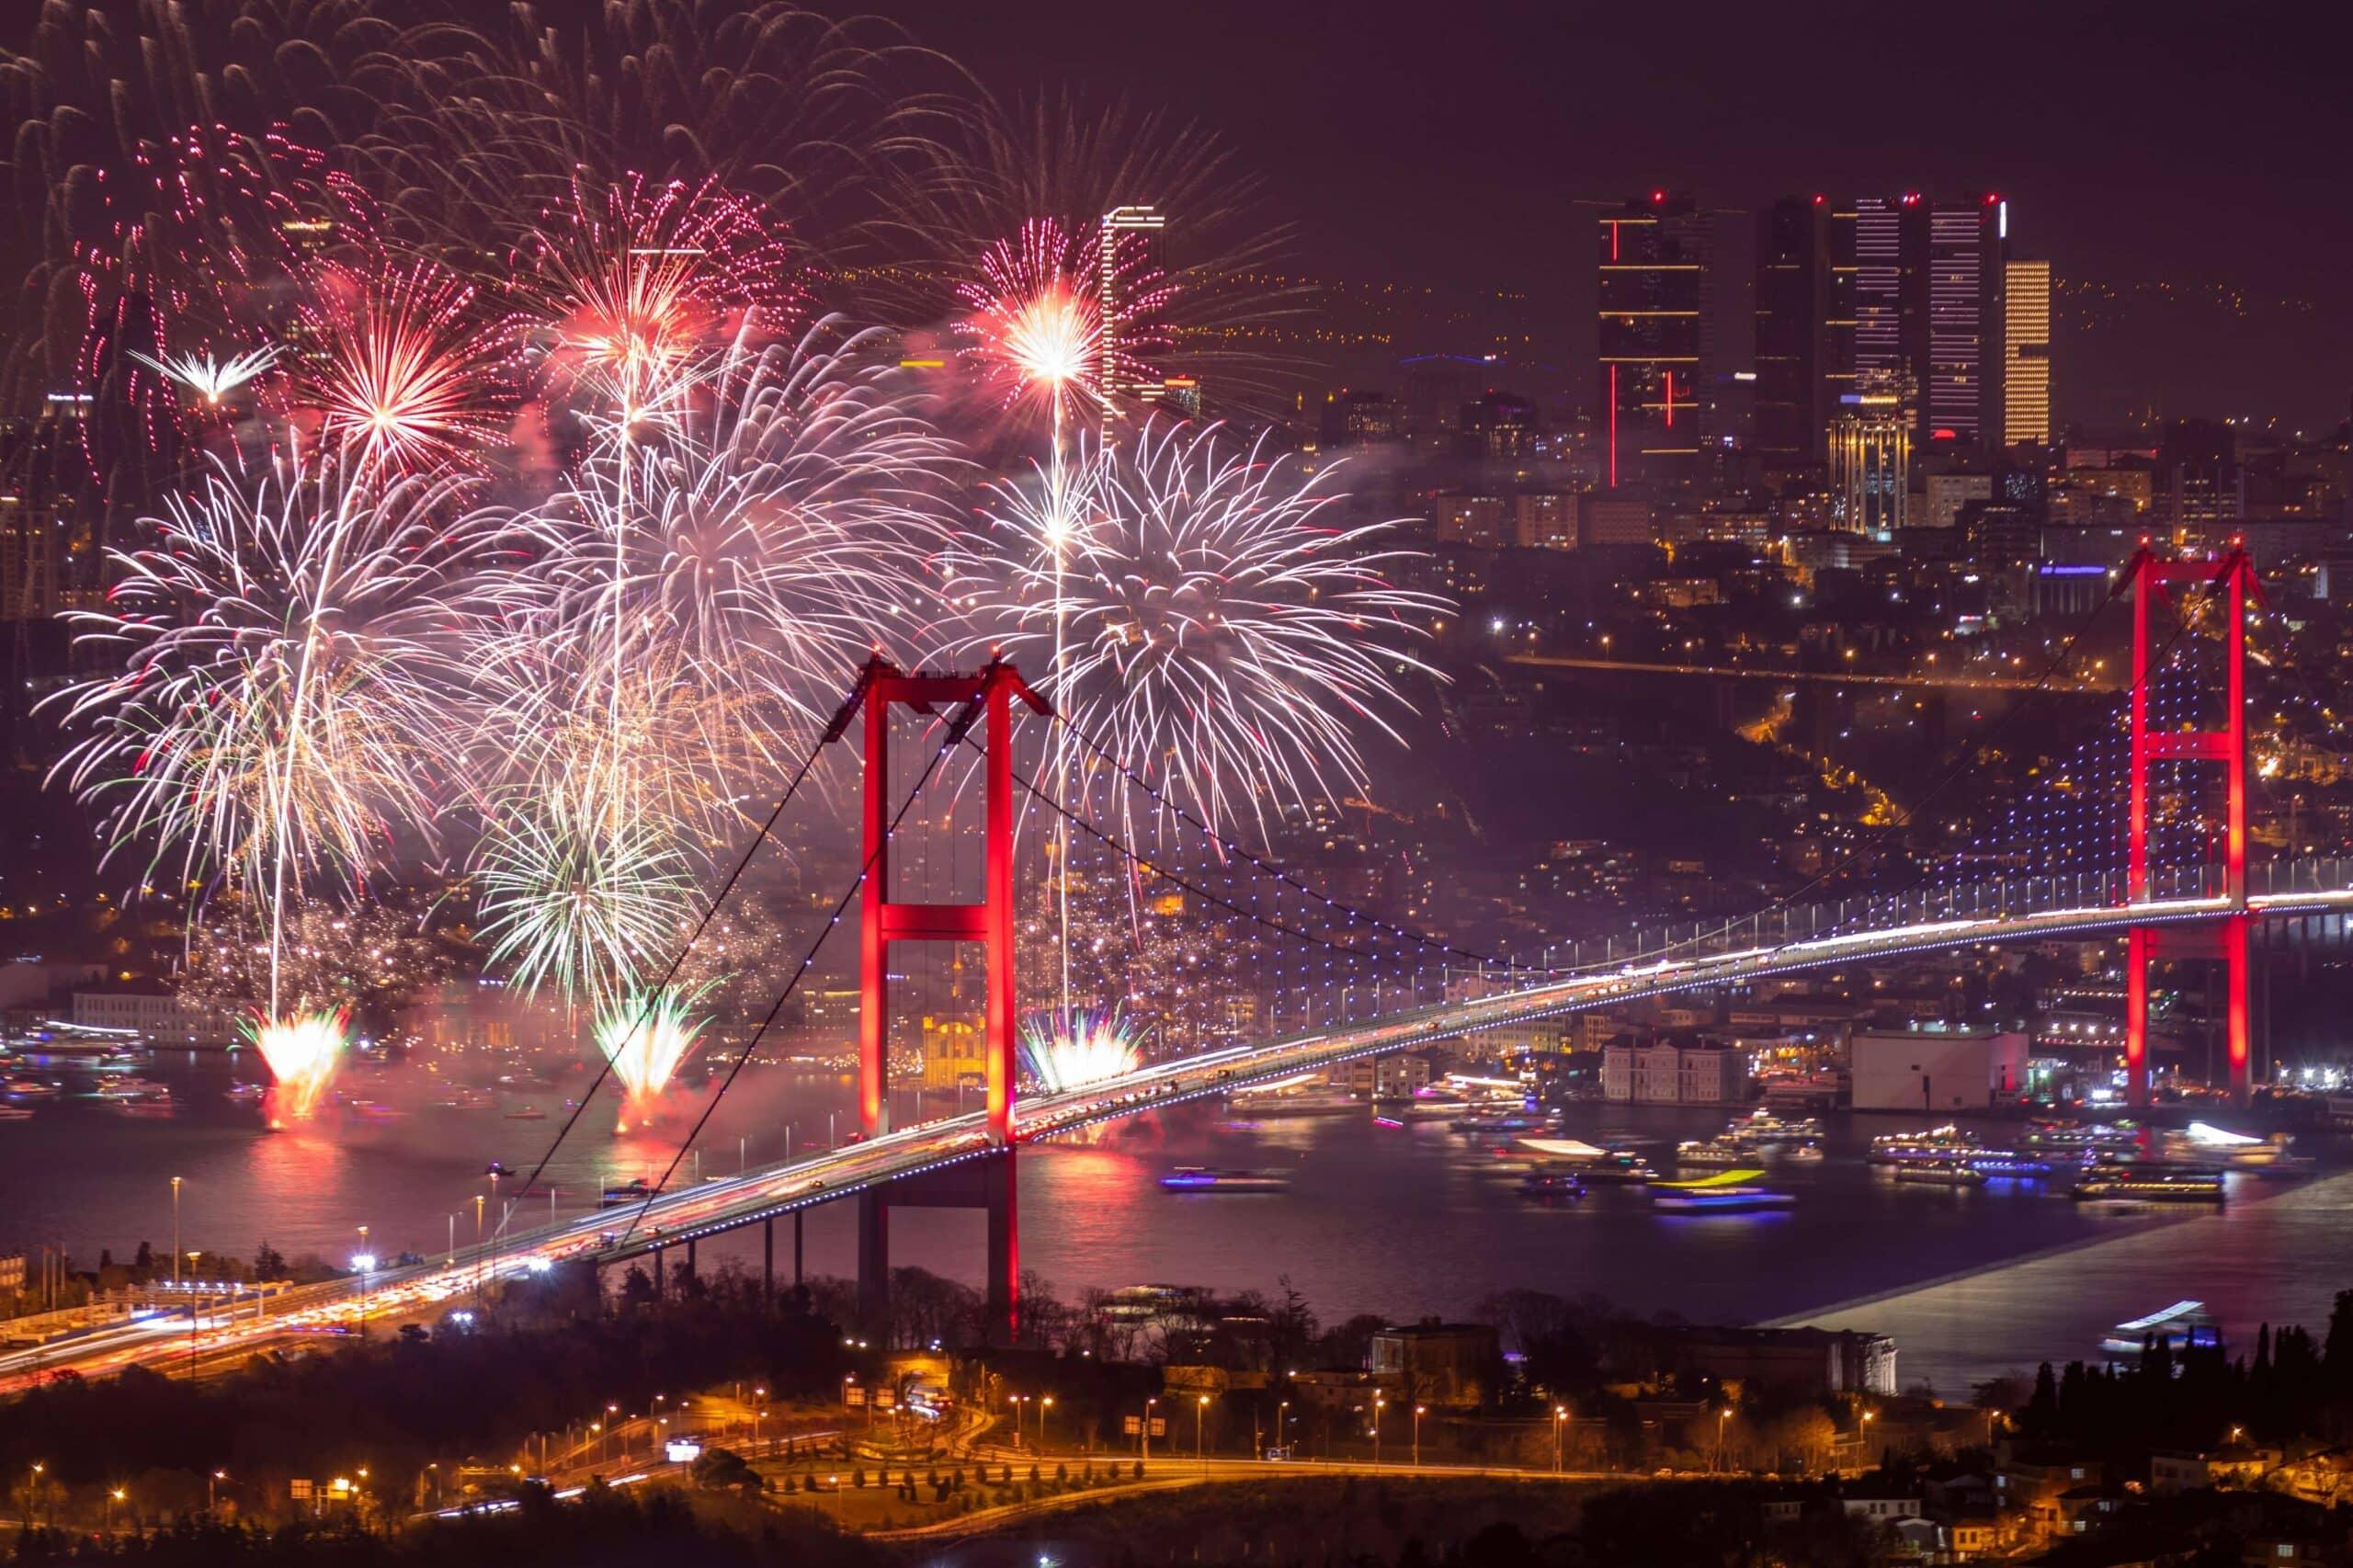 Bosphorus Bridges